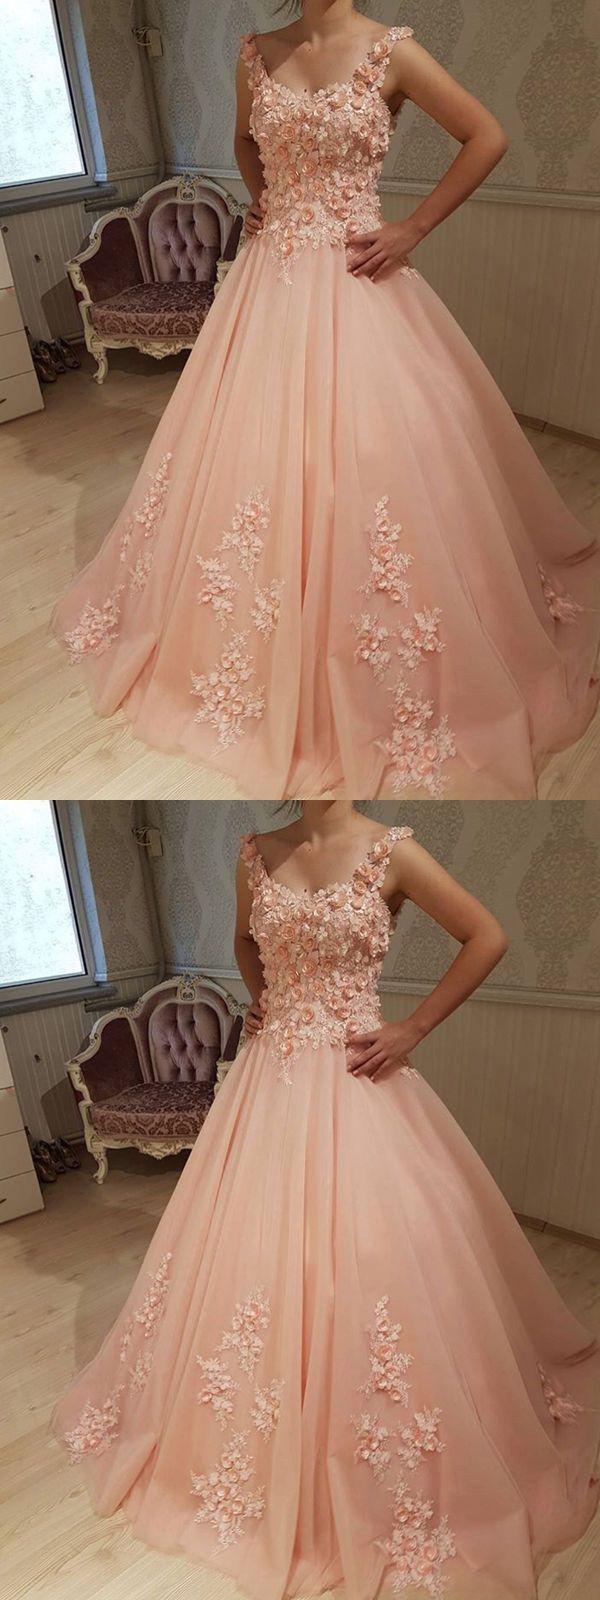 Ball gown scoop sleeveless pink long promevening dress promdress